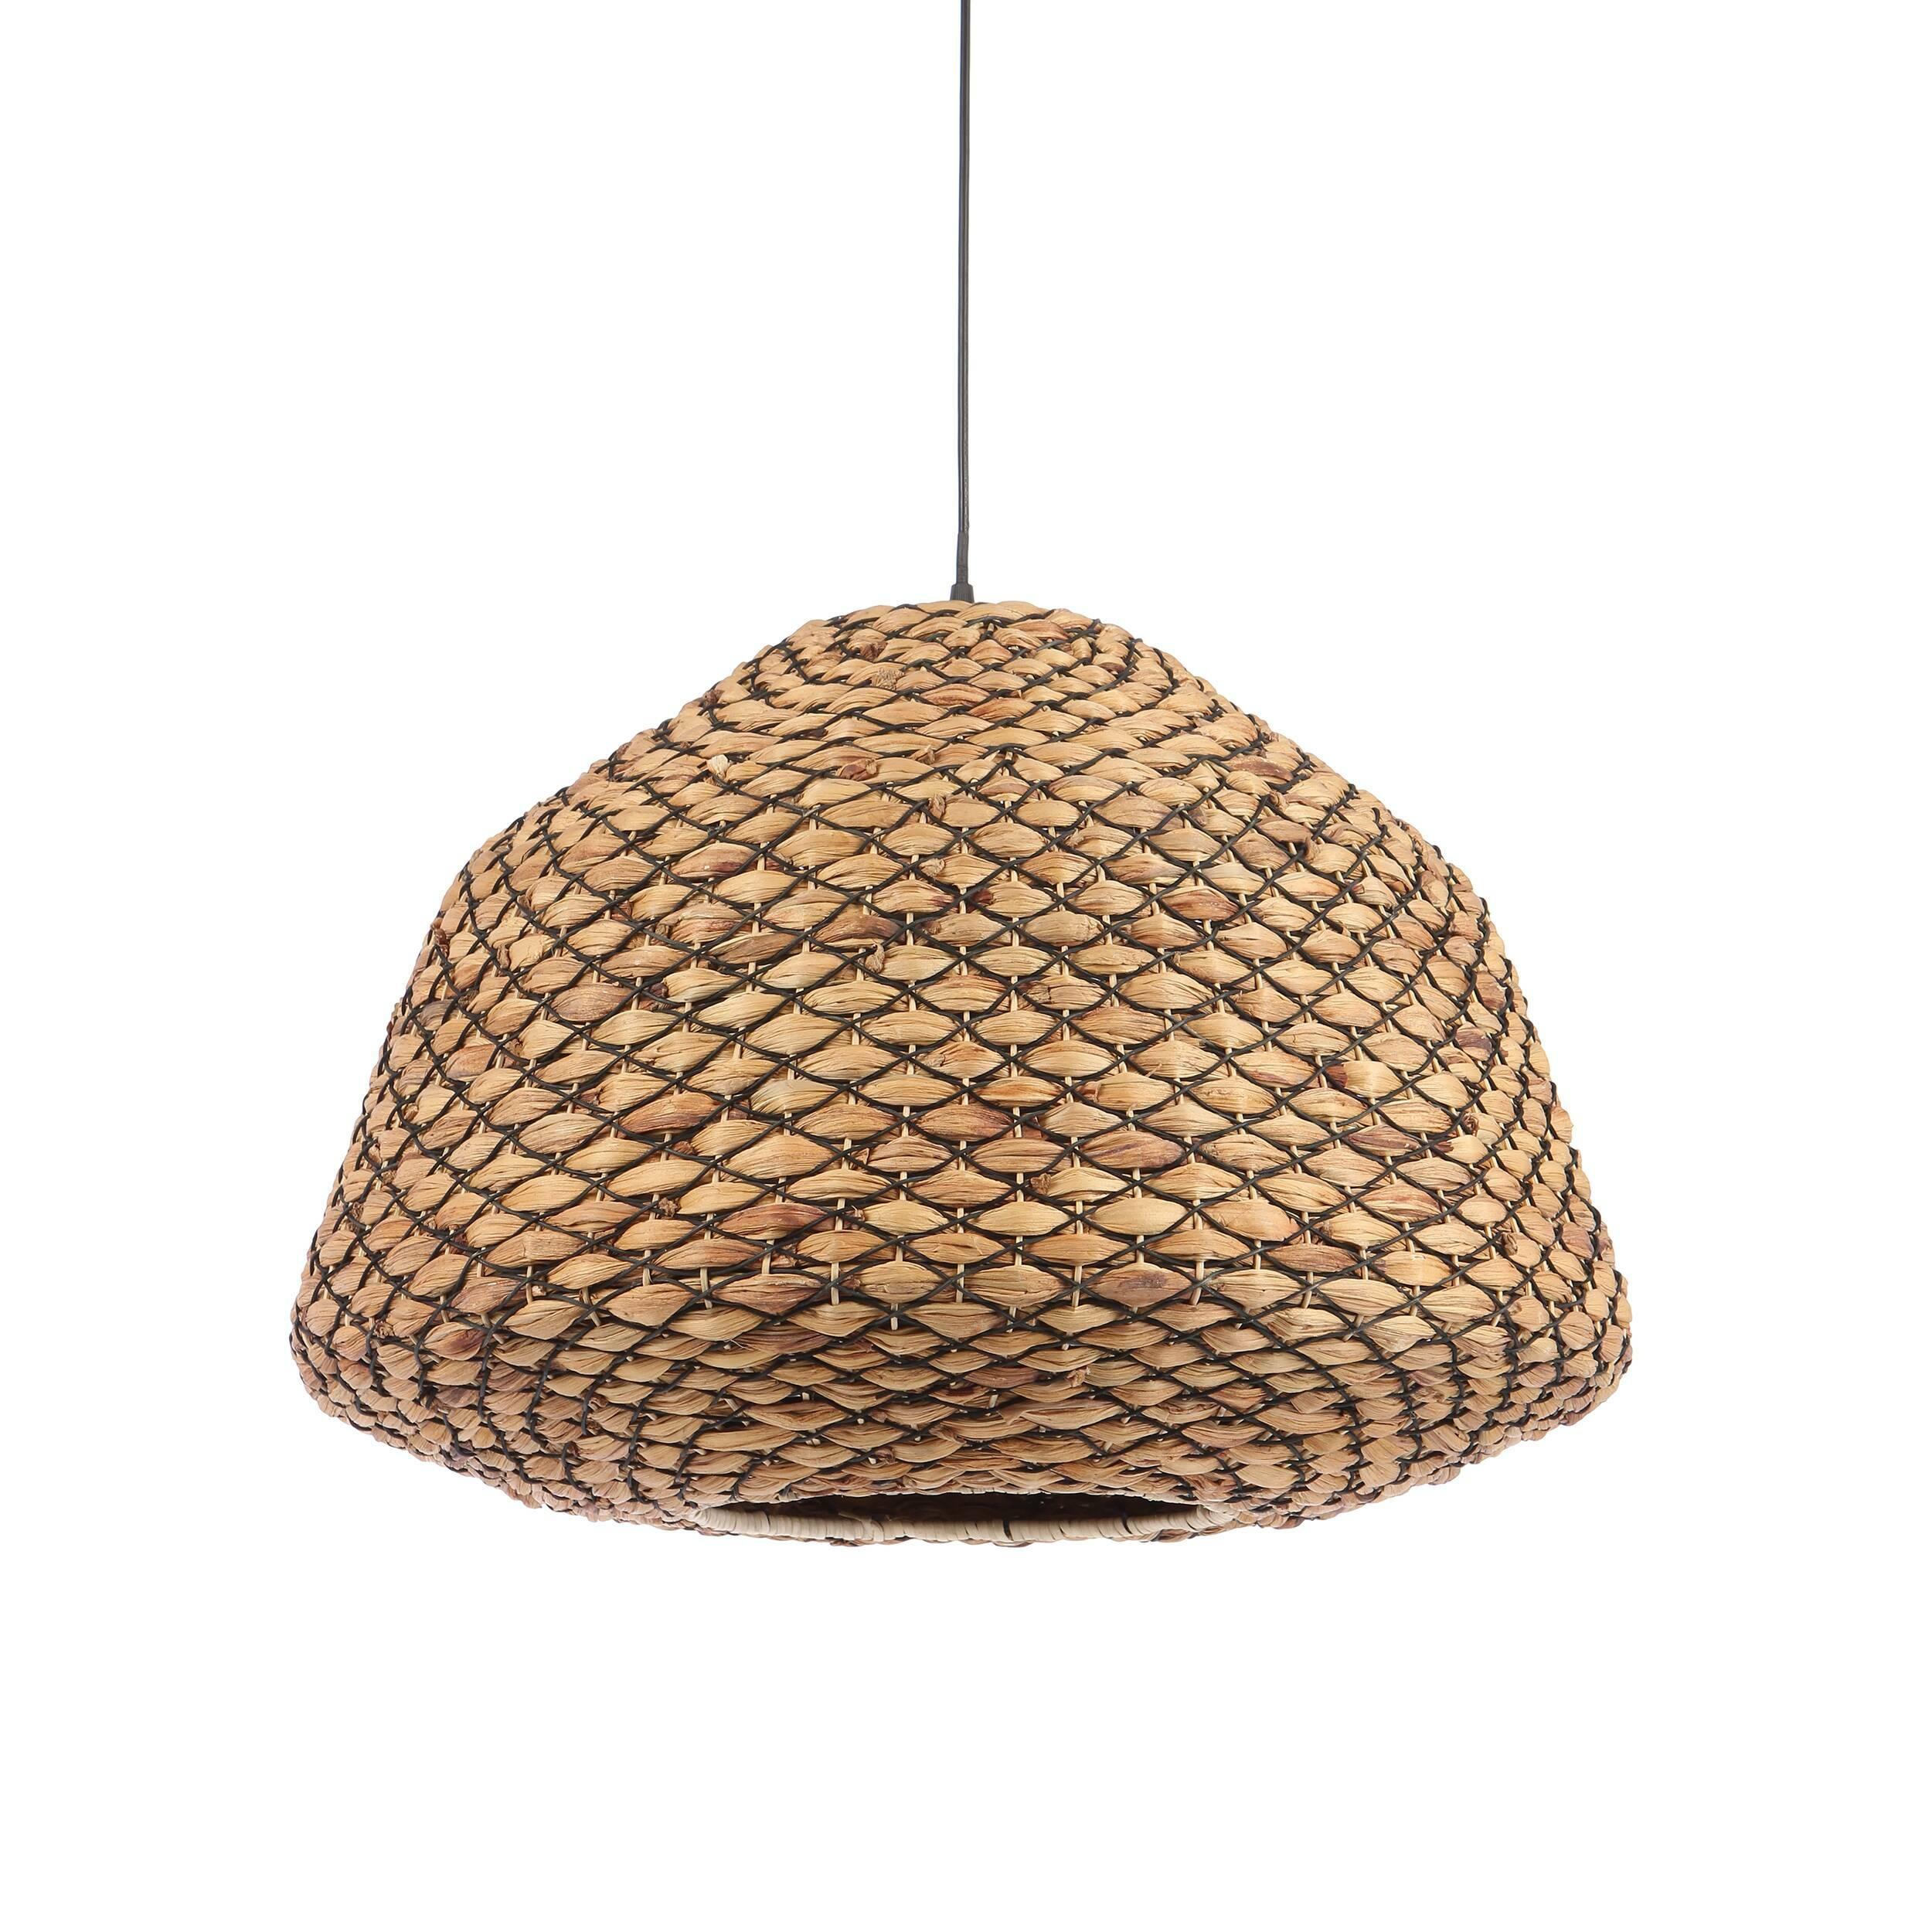 Подвесной светильник Hyacinth BasketПодвесные<br>С чего начинается интерьер в стиле эко? С натуральных материалов, текстиля в природных цветах, лаконичной мебели и минимум декора. Так выглядит классический экоинтерьер в глазах простого обывателя. Однако не стоит забывать о качестве, формах и размерах. Подбирая для себя красивый светильник, задержитесь хотя бы на мгновенье на данной модели — подвесном светильнике Hyacinth Basket. Довольно объемный по размерам и лаконичный в деталях светильник также порадует вас своим качеством. Сплетенны...<br><br>stock: 10<br>Высота: 46<br>Диаметр: 63<br>Количество ламп: 1<br>Материал абажура: Гиацинт<br>Материал арматуры: Металл<br>Мощность лампы: 40<br>Ламп в комплекте: Нет<br>Напряжение: 220-240<br>Тип лампы/цоколь: E27<br>Цвет абажура: Коричневый<br>Цвет арматуры: Черный<br>Цвет провода: Черный